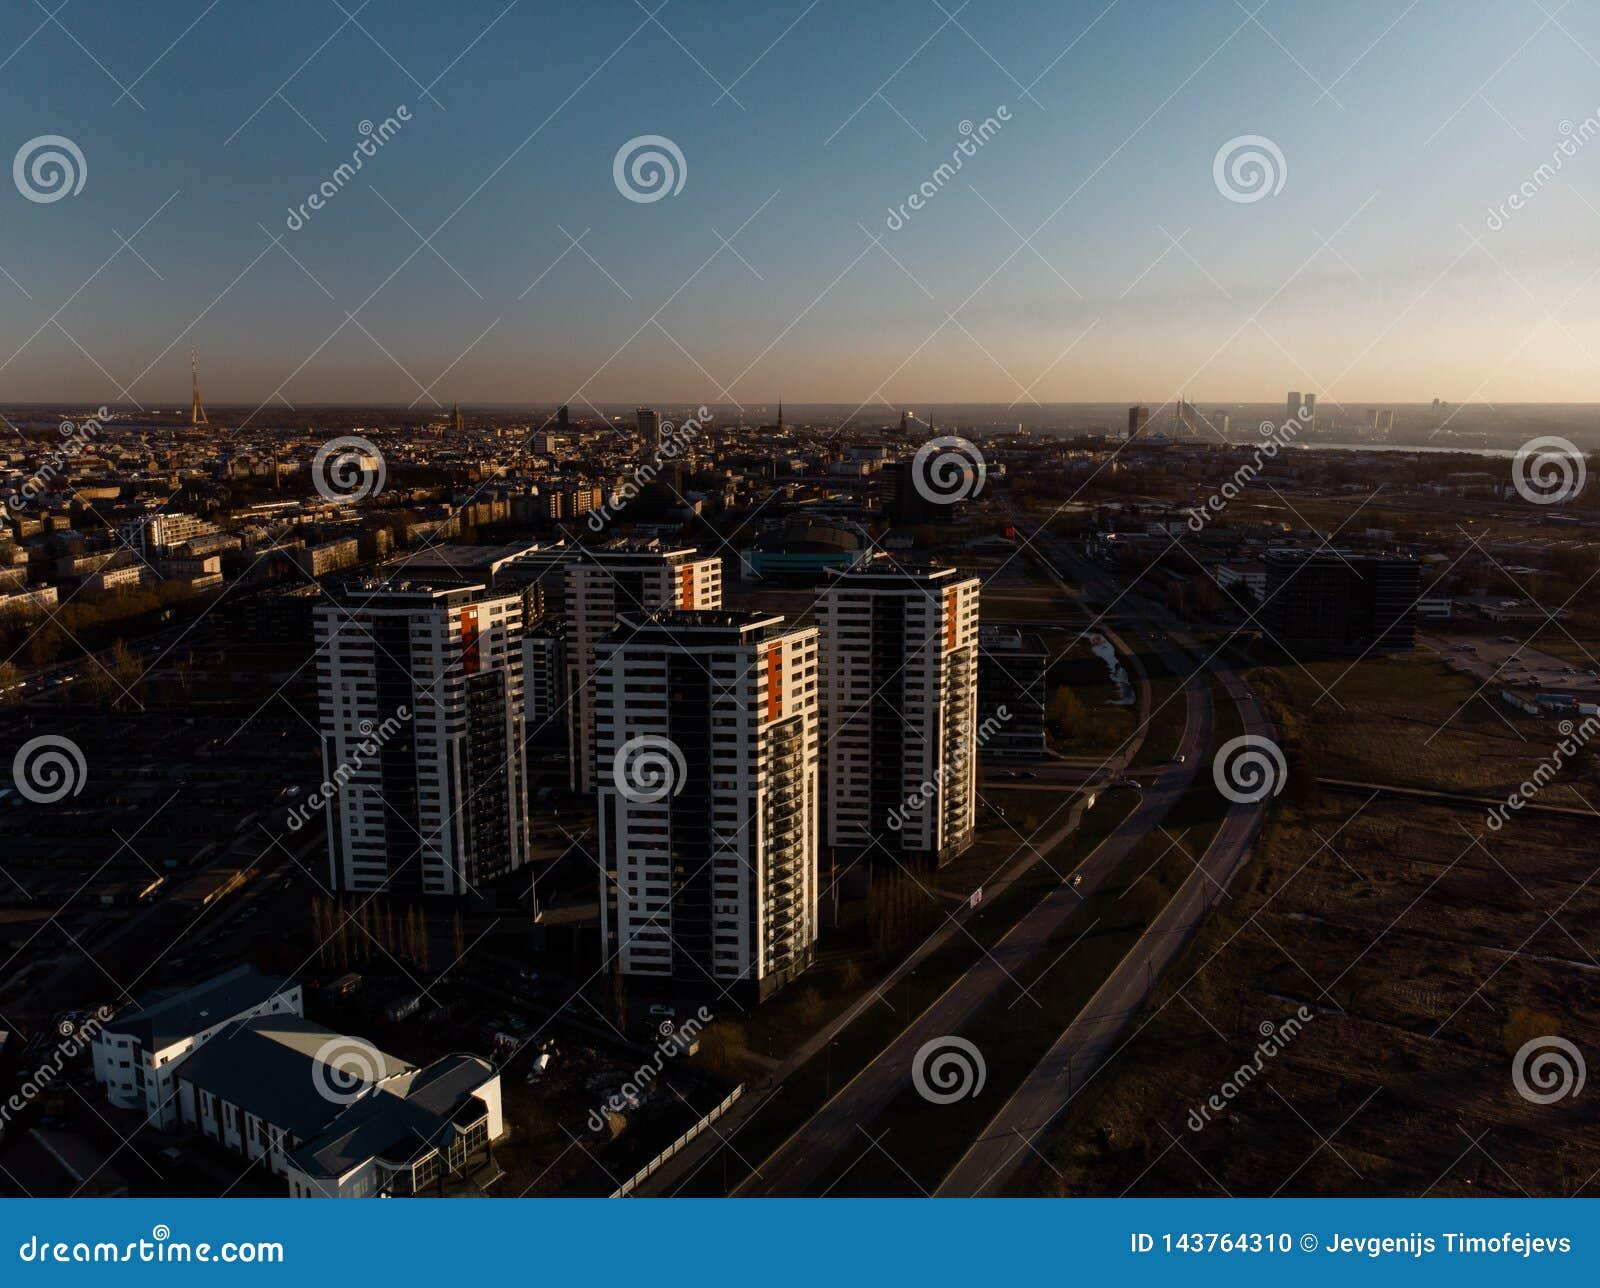 Tramonto drammatico aereo di paesaggio con una vista sopra i grattacieli a Riga, Lettonia - la città di Città Vecchia è visibile